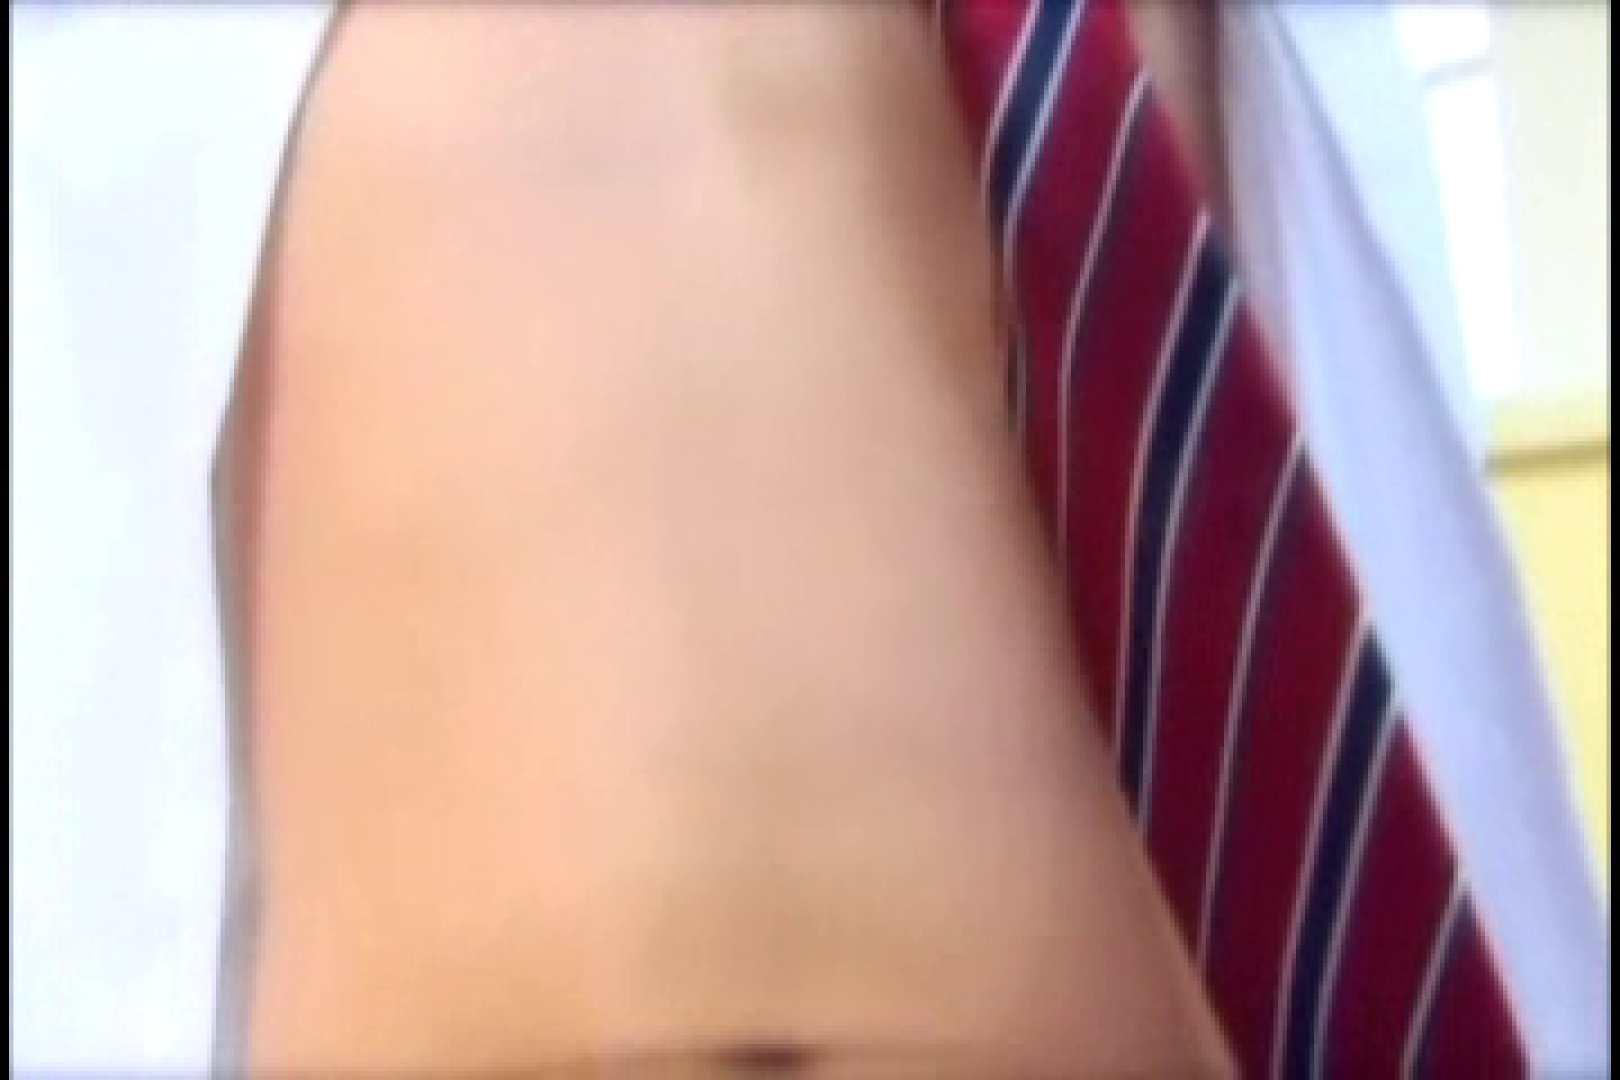 美青年パンツの向こう側vol.4 チンコ ゲイ無修正ビデオ画像 75pic 4